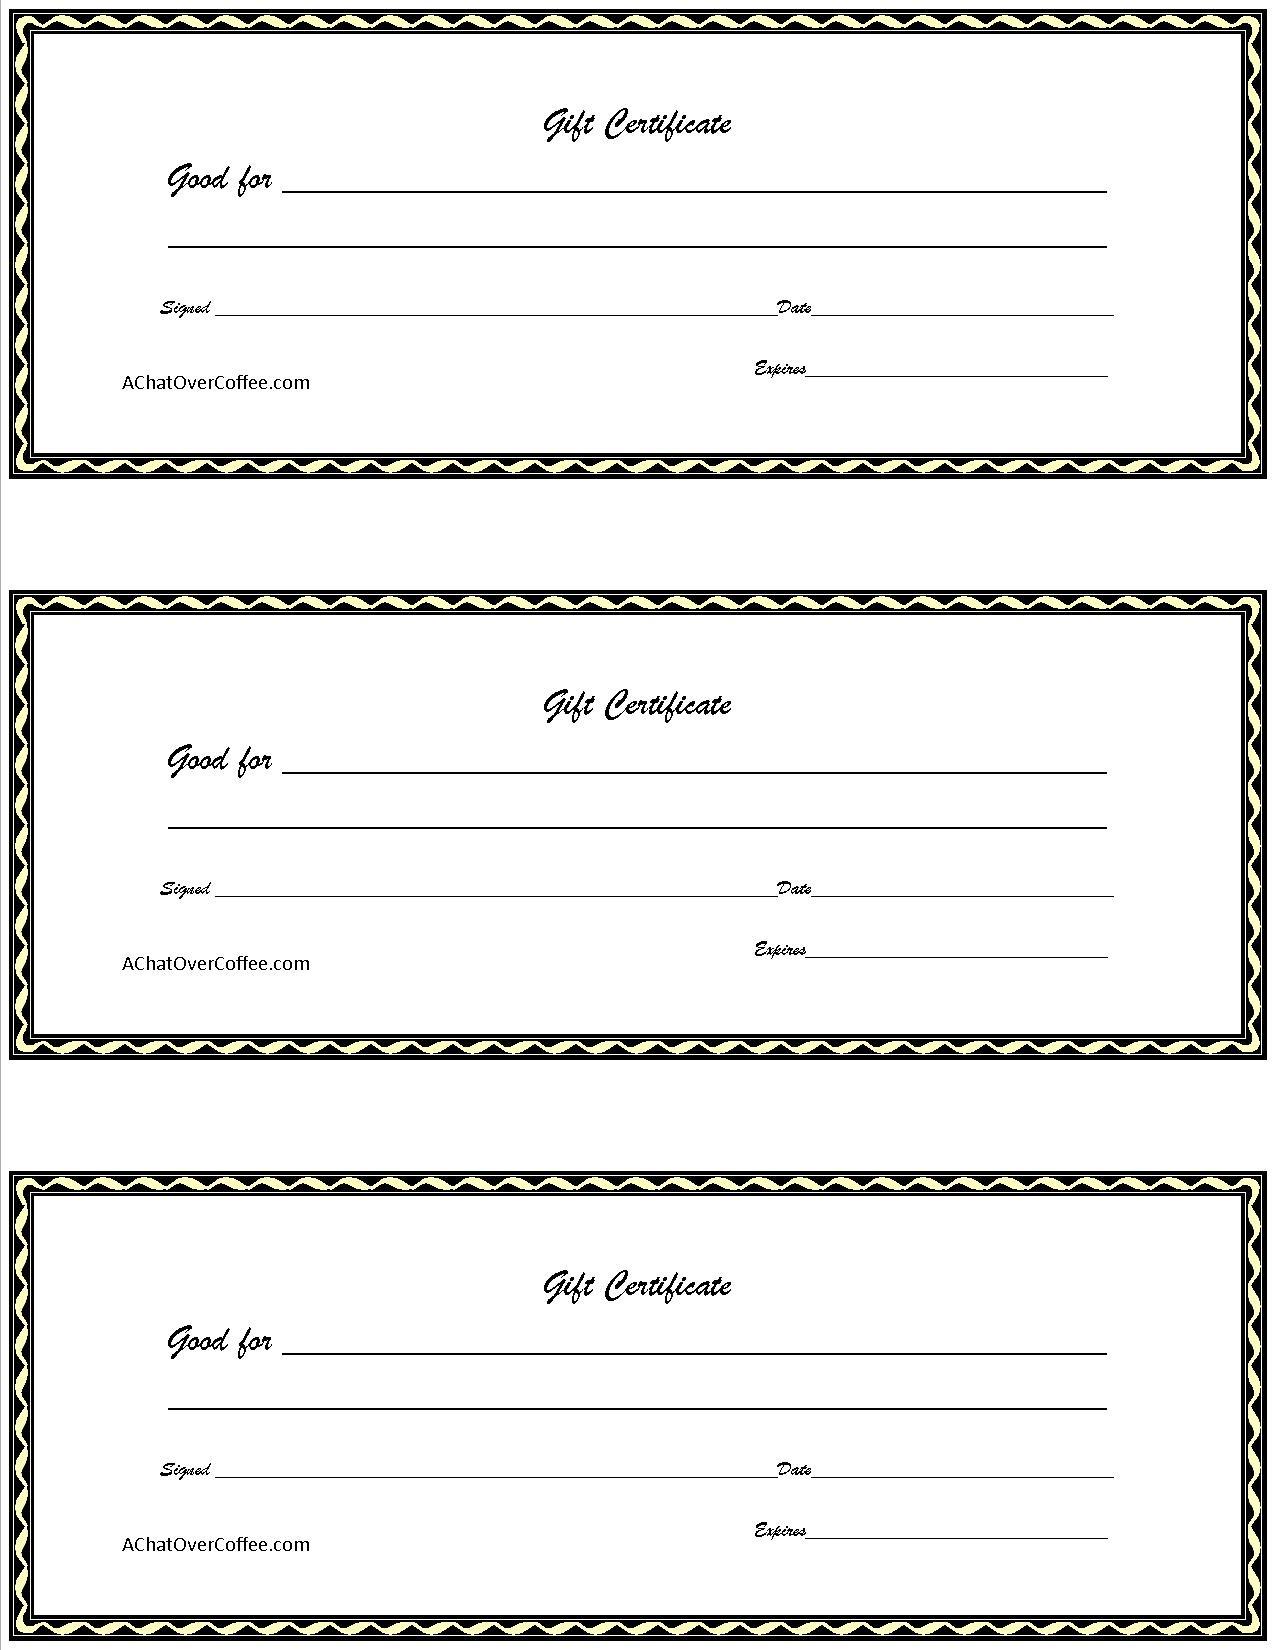 Surprising Free Printable Gift Certificates Template Ideas Christmas - Free Printable Gift Certificates